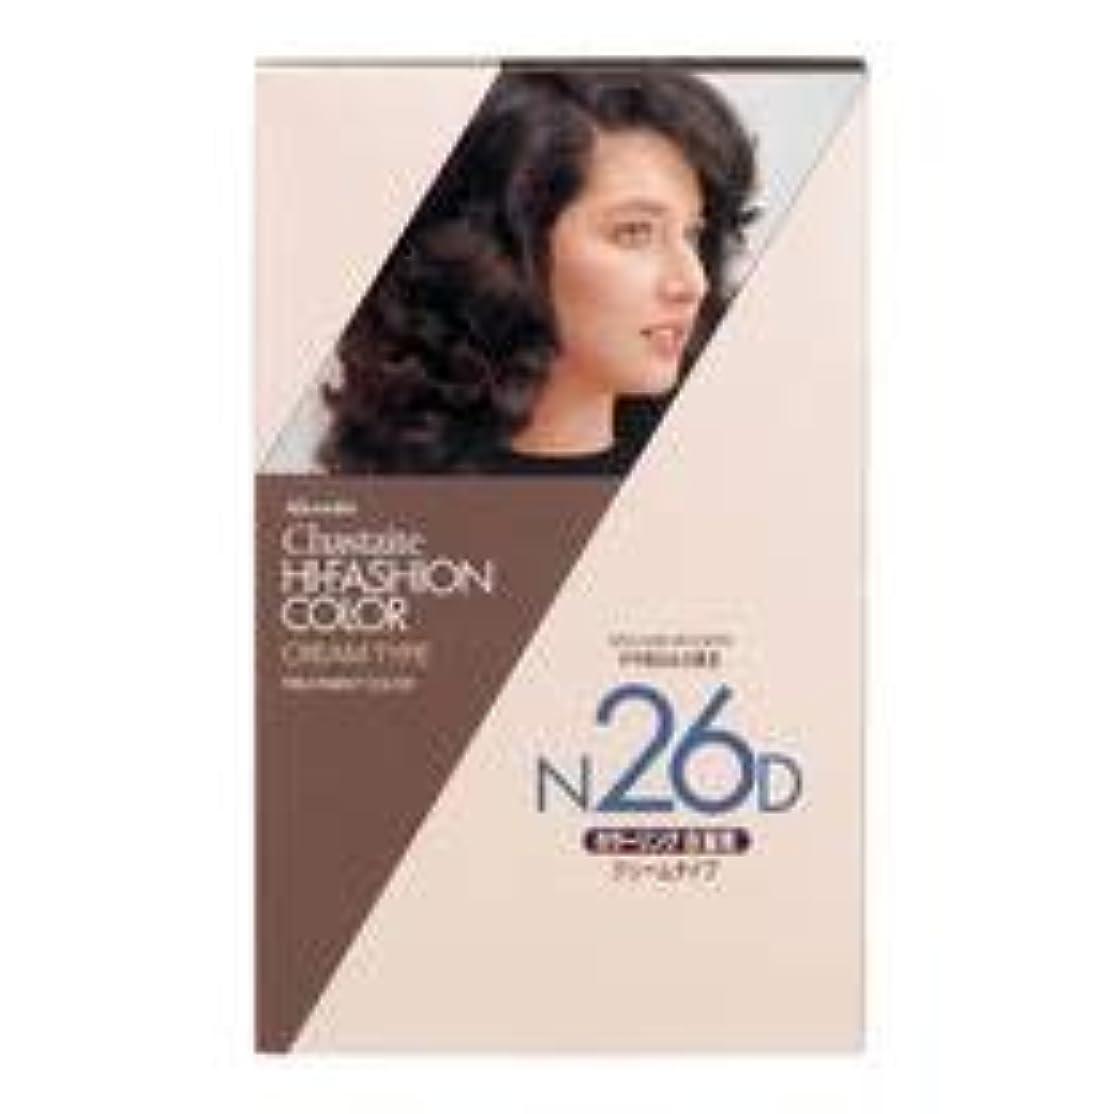 ティーム小麦粉アジャカネボウ シャステート ハイファッションカラー〈クリームタイプ〉 N26D